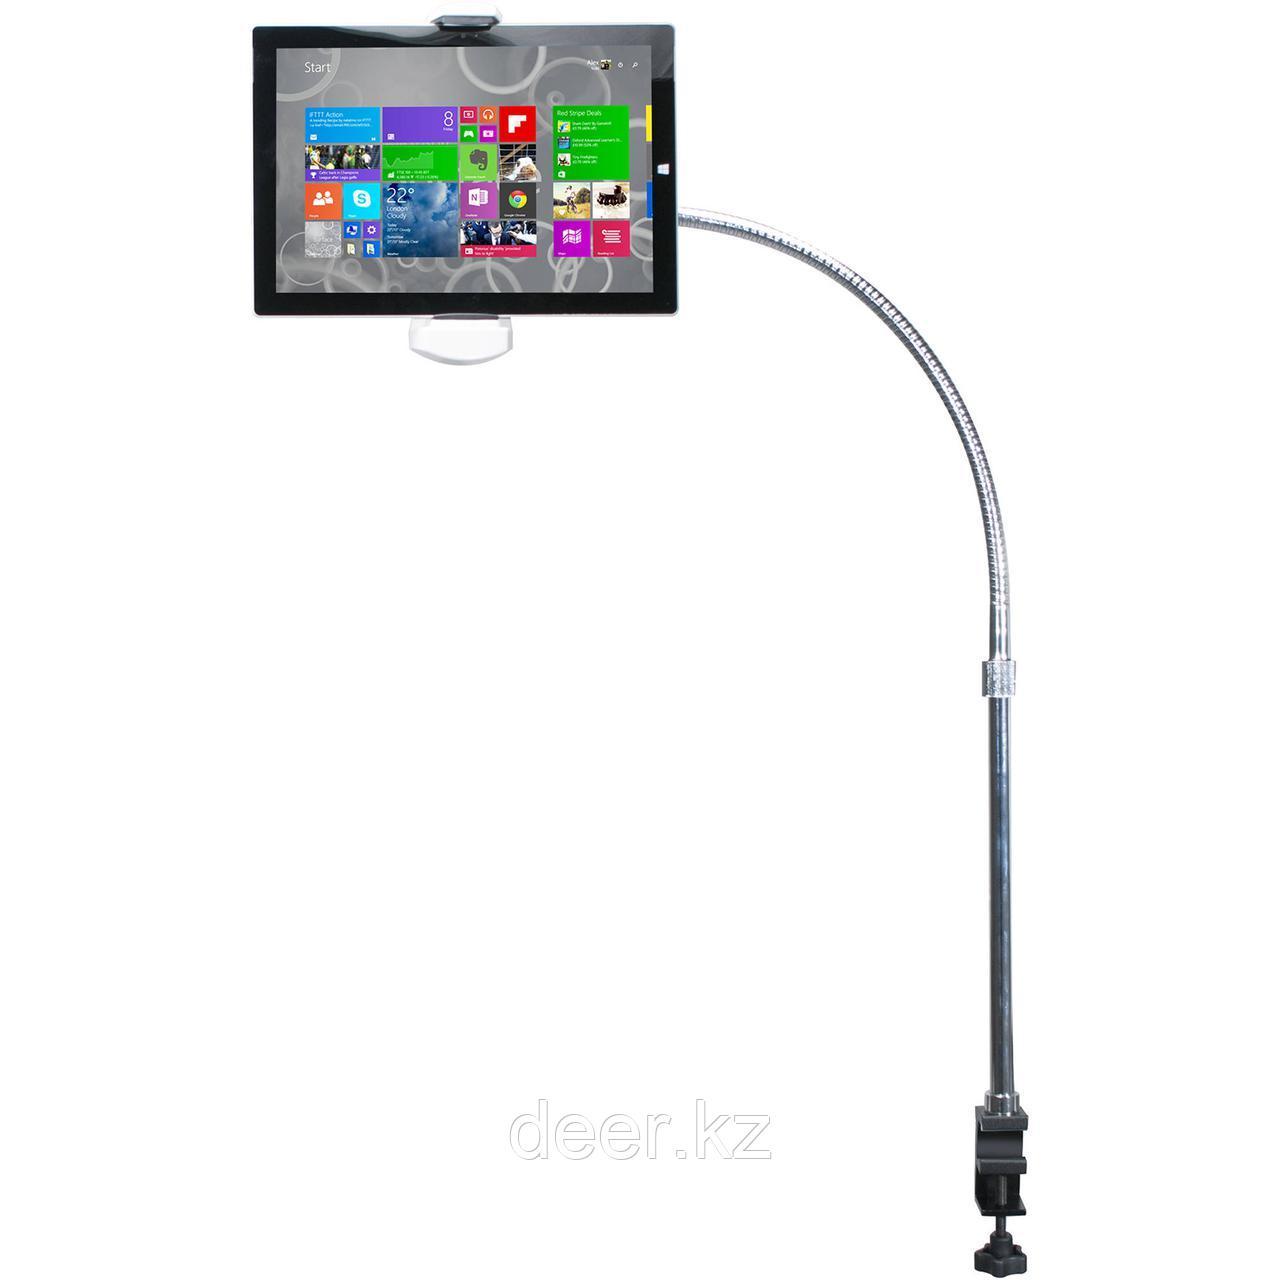 Слайд-позиционная панель для iPad и планшетов PAD-GTC